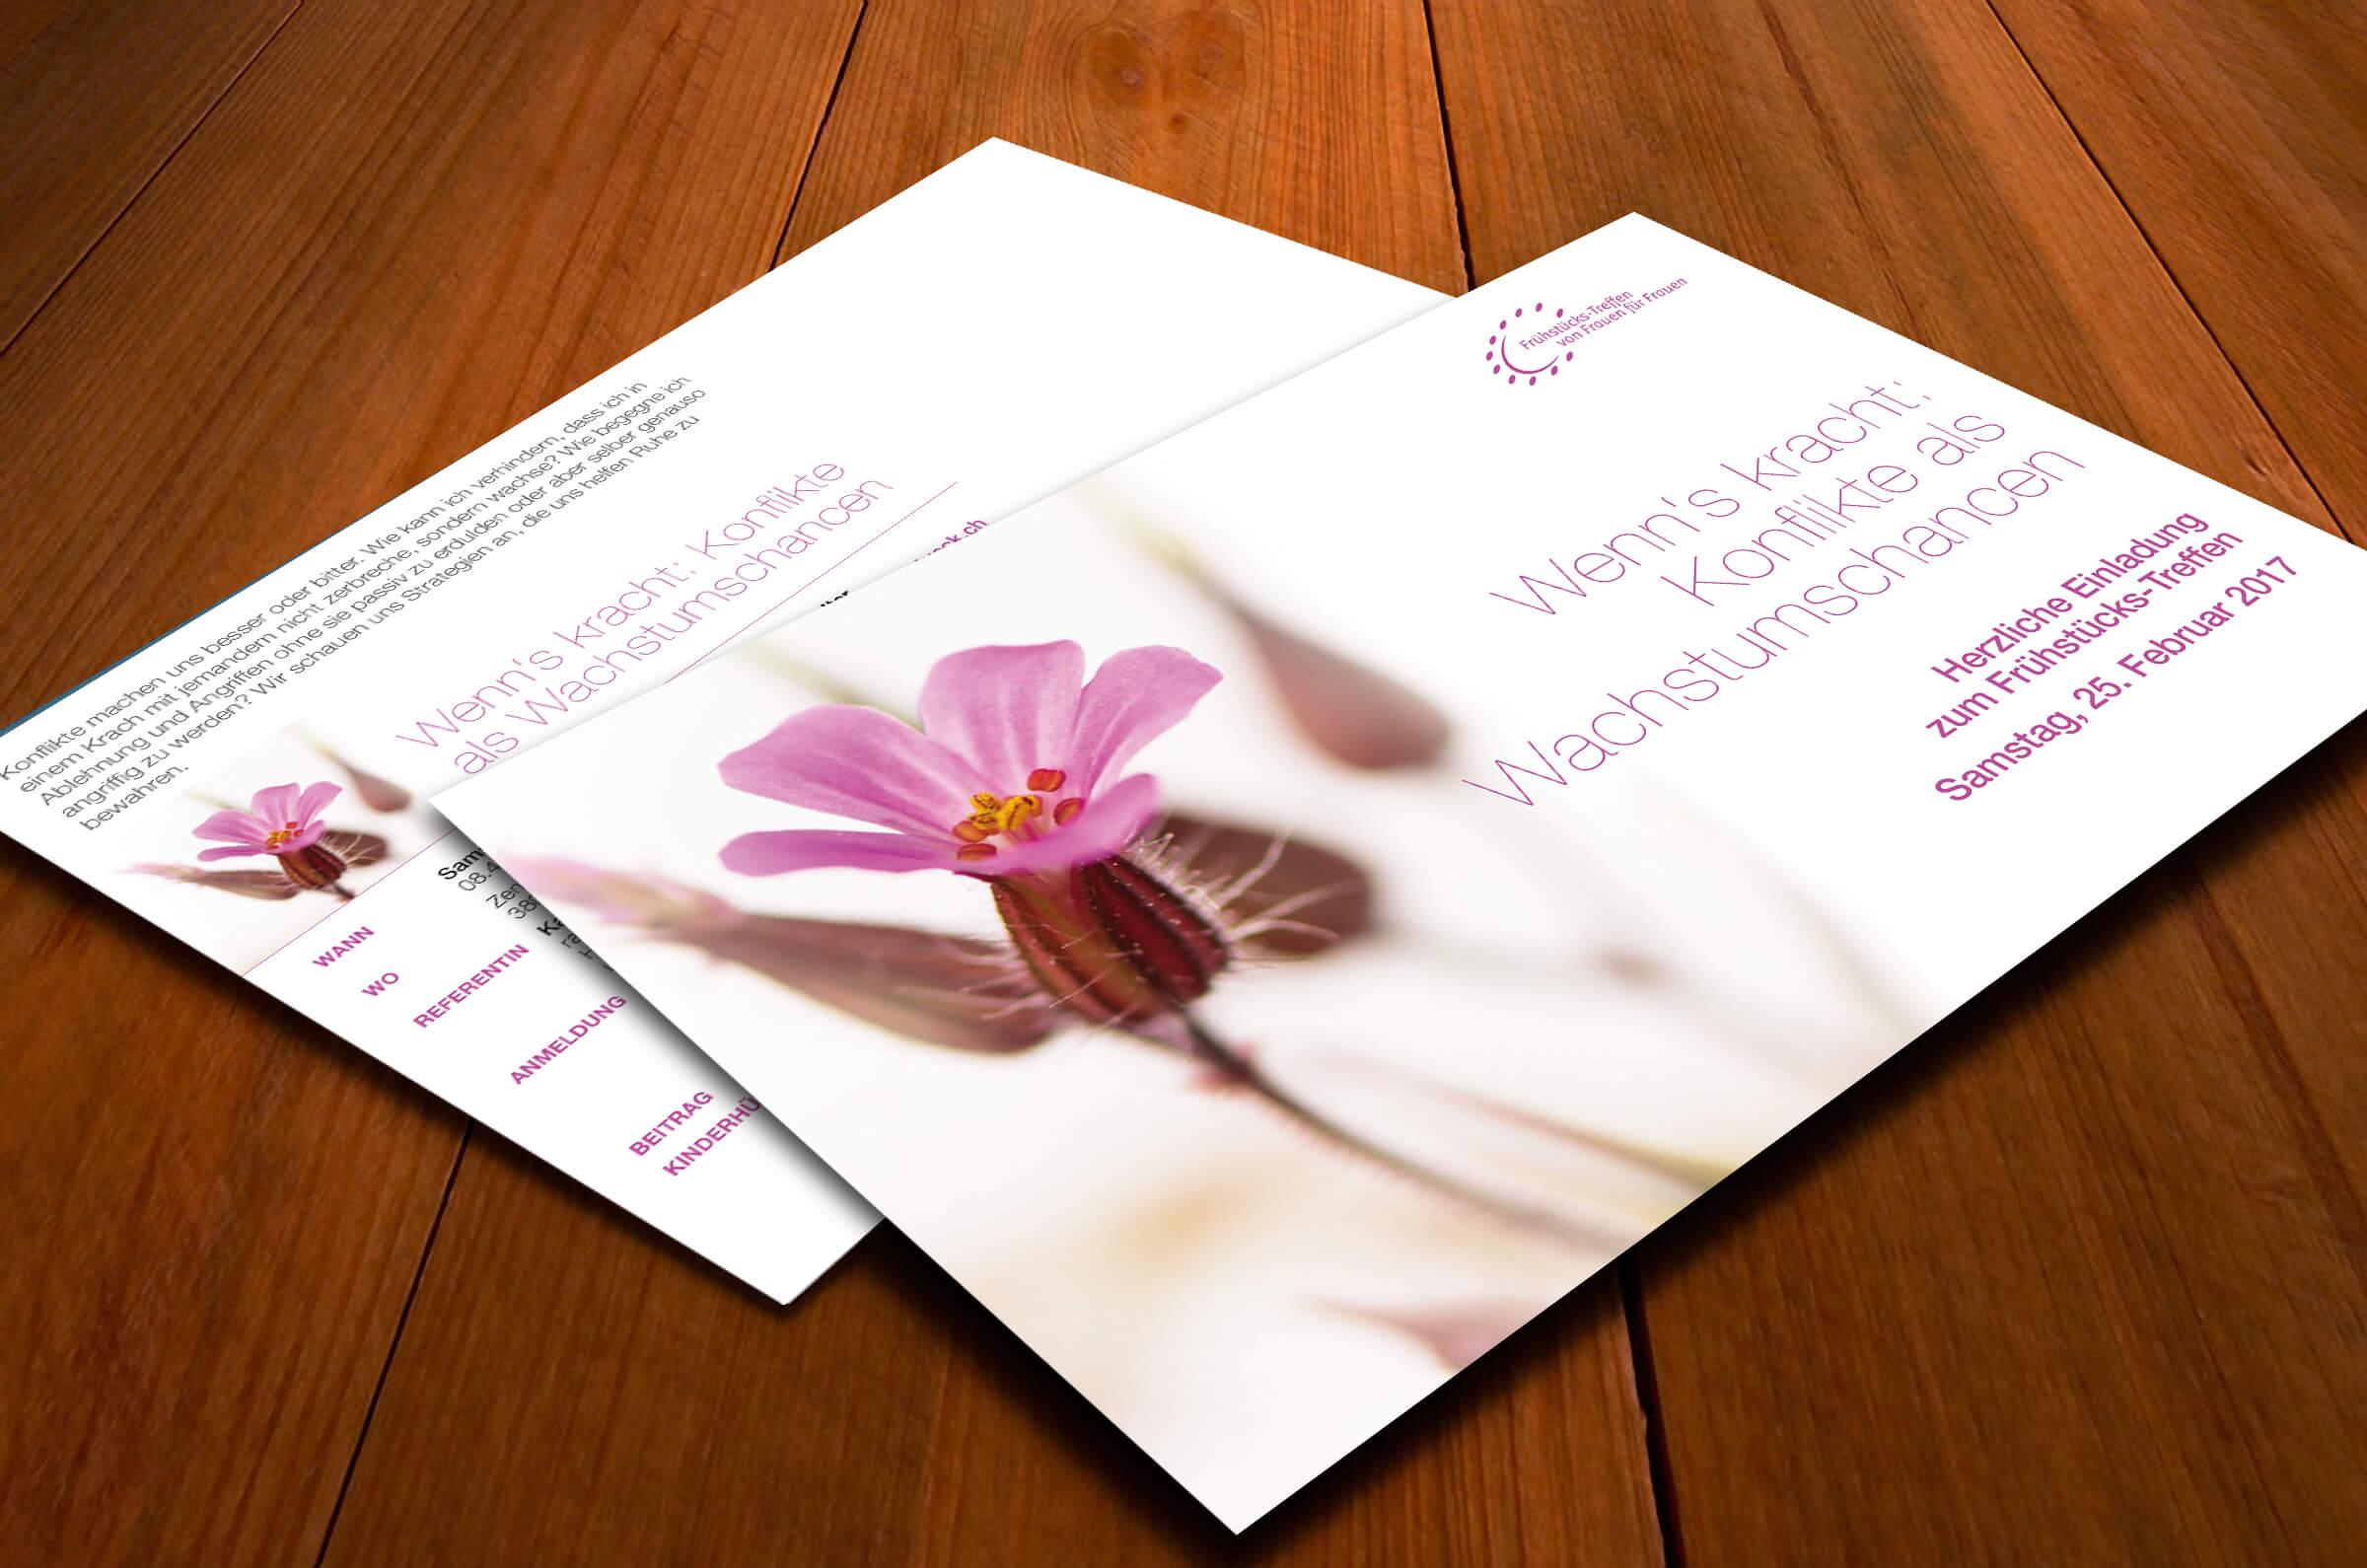 Die finale Version. Bis auf die Blume sind die Gestaltungselemente vom ersten Entwurf weitestgehend übernommen worden.